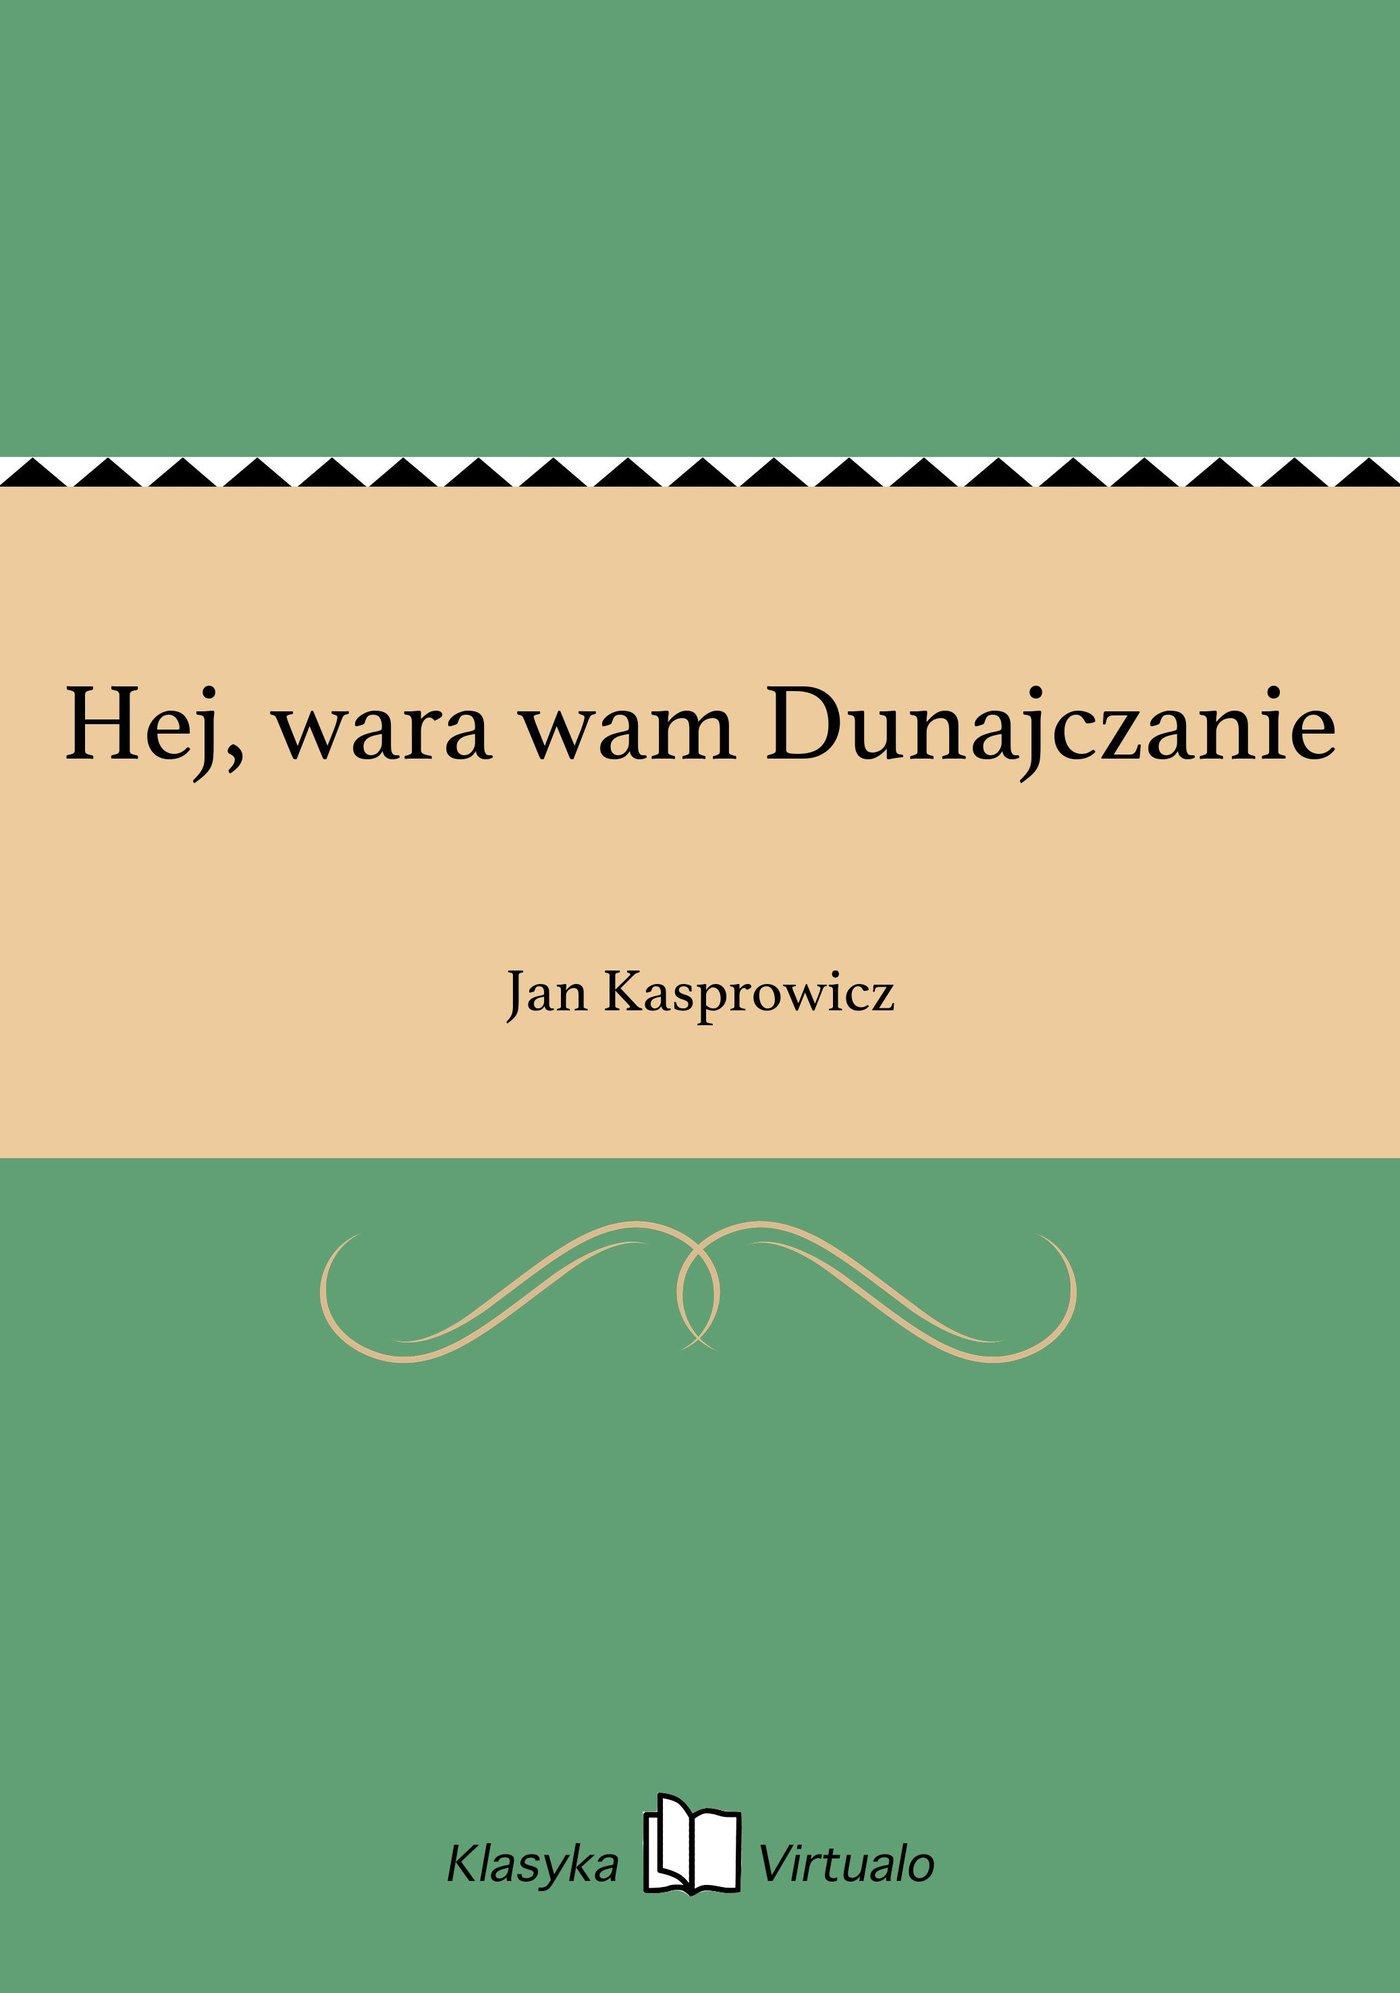 Hej, wara wam Dunajczanie - Ebook (Książka na Kindle) do pobrania w formacie MOBI